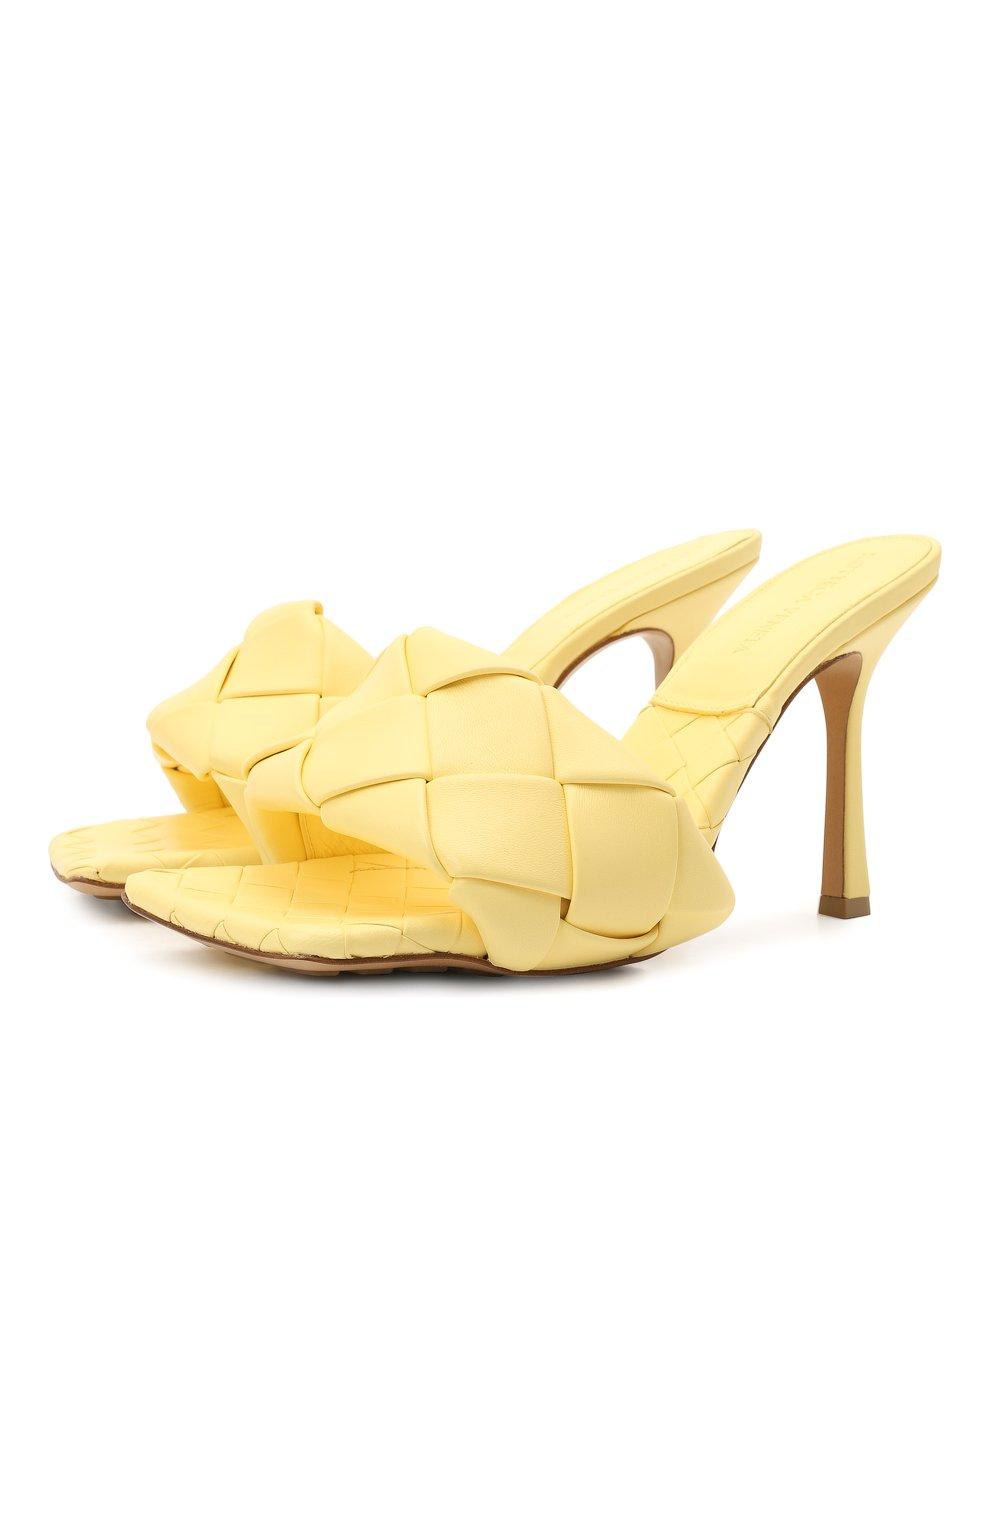 Женские кожаные мюли lido BOTTEGA VENETA желтого цвета, арт. 608854/VBSS0 | Фото 1 (Каблук высота: Высокий; Материал внутренний: Натуральная кожа; Каблук тип: Шпилька; Подошва: Плоская)